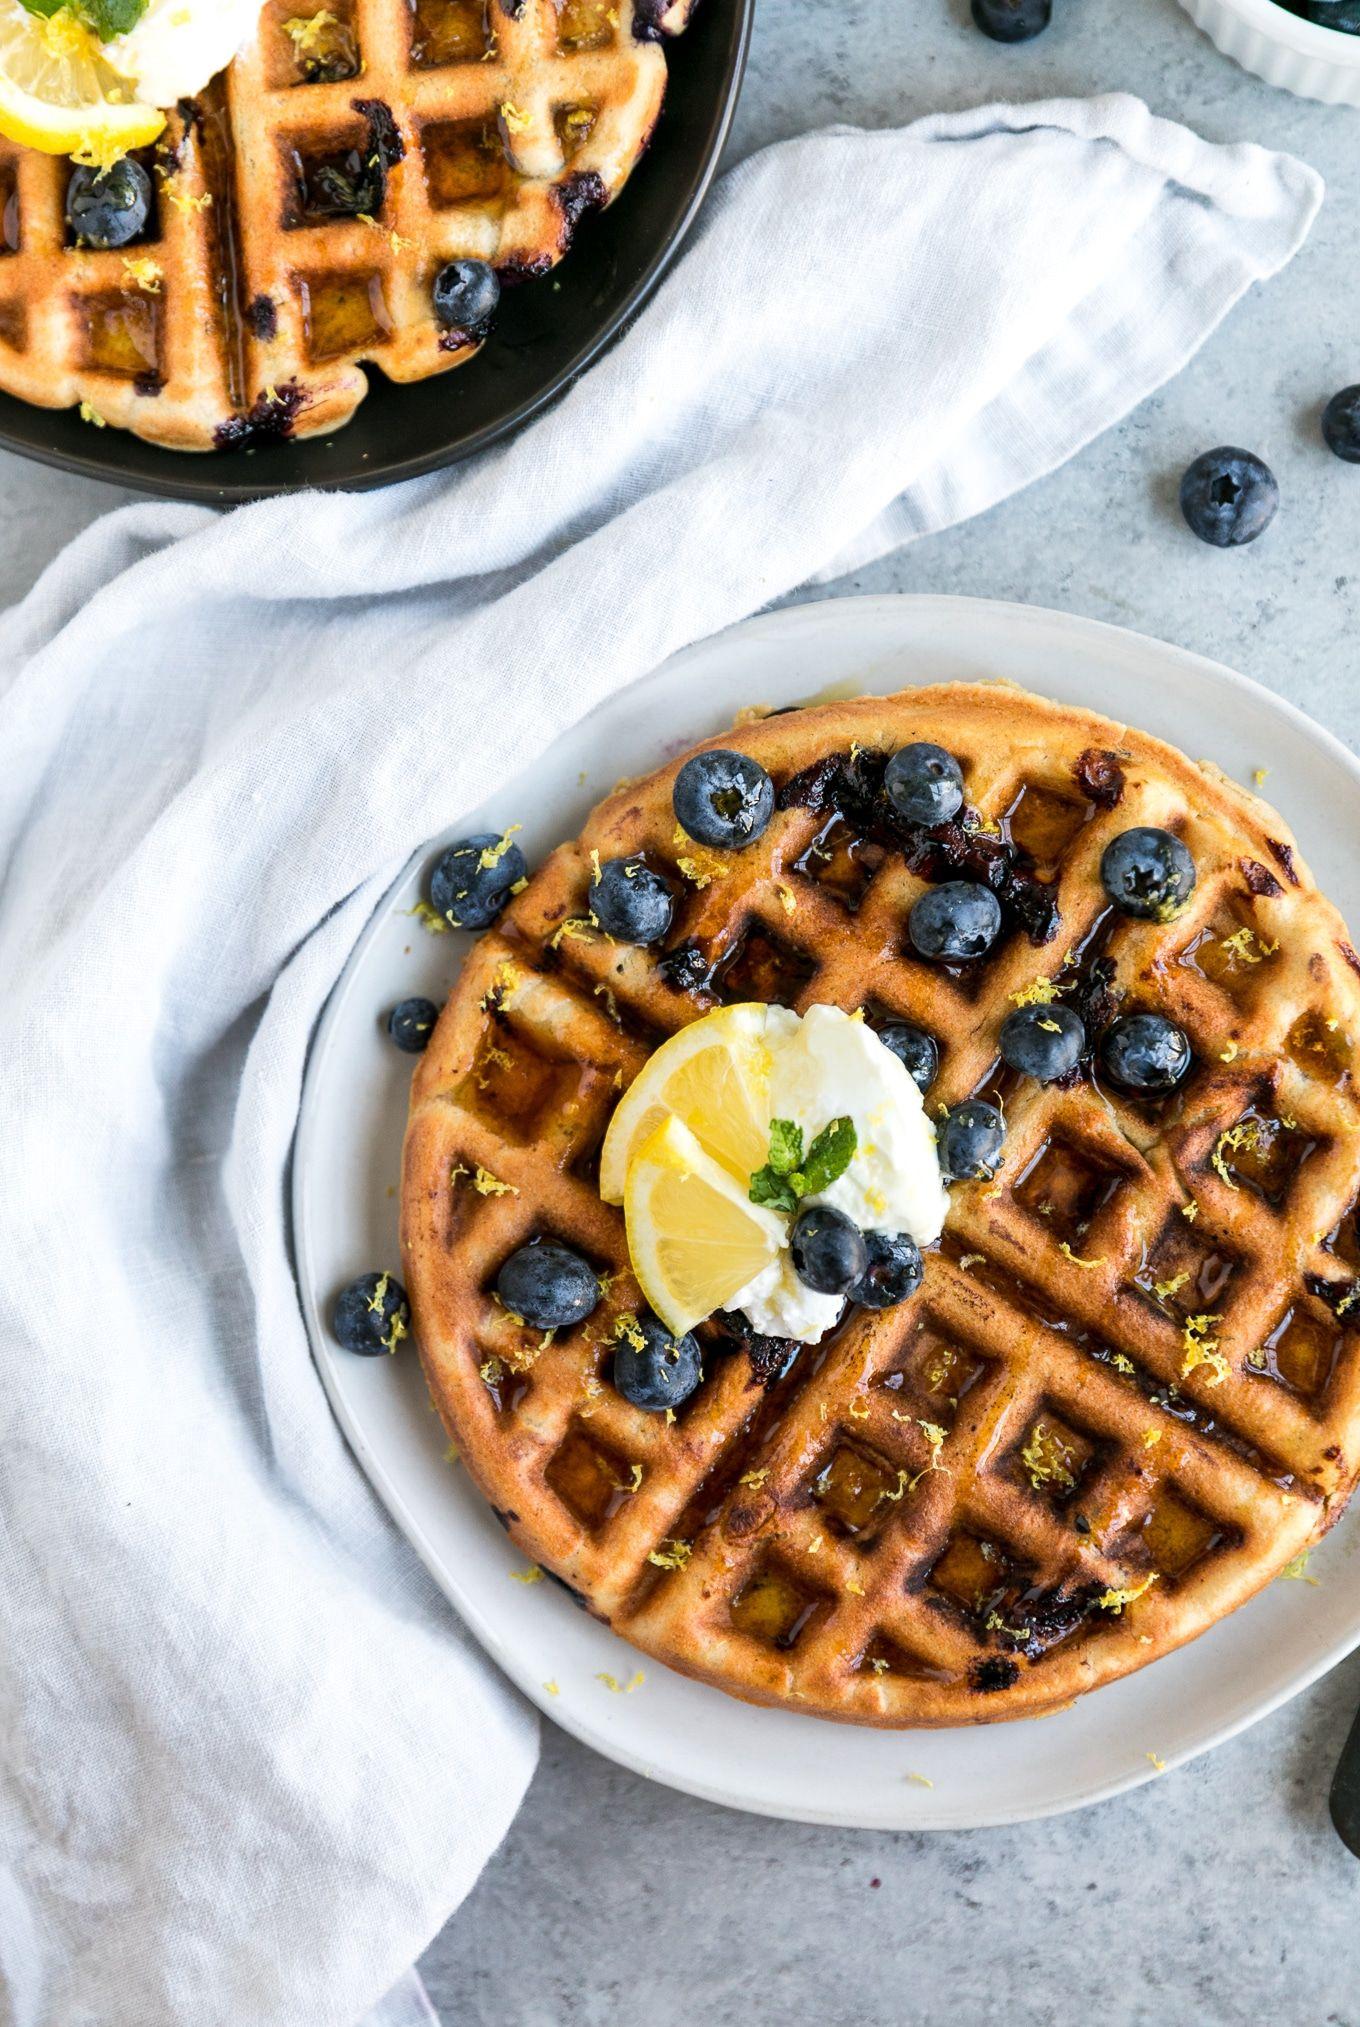 Lemon Blueberry Oatmeal Blender Waffles